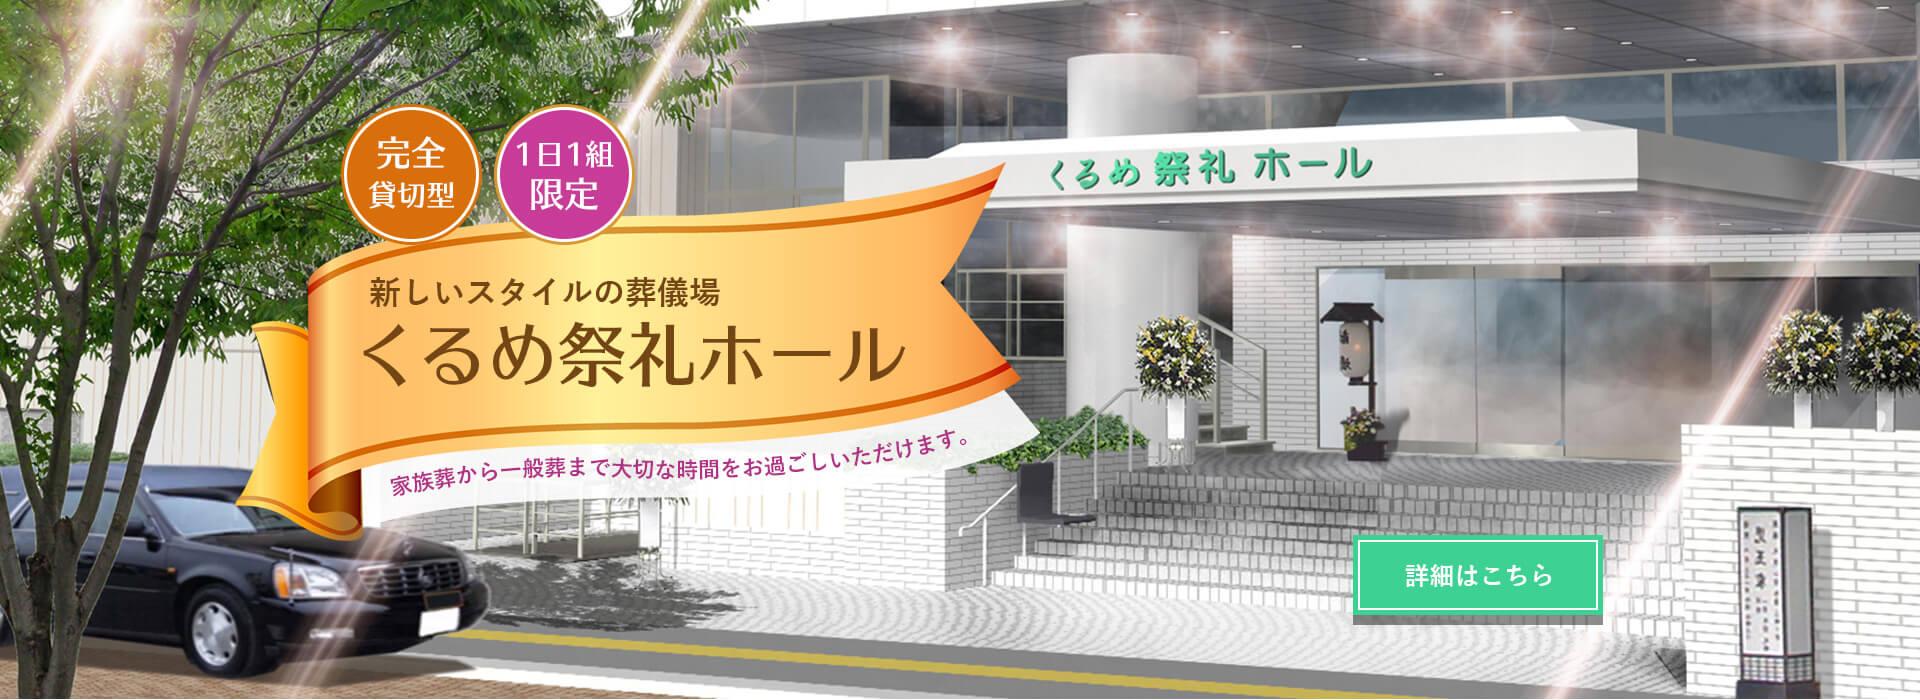 新しいスタイルの葬儀場 くるめ祭礼ホール